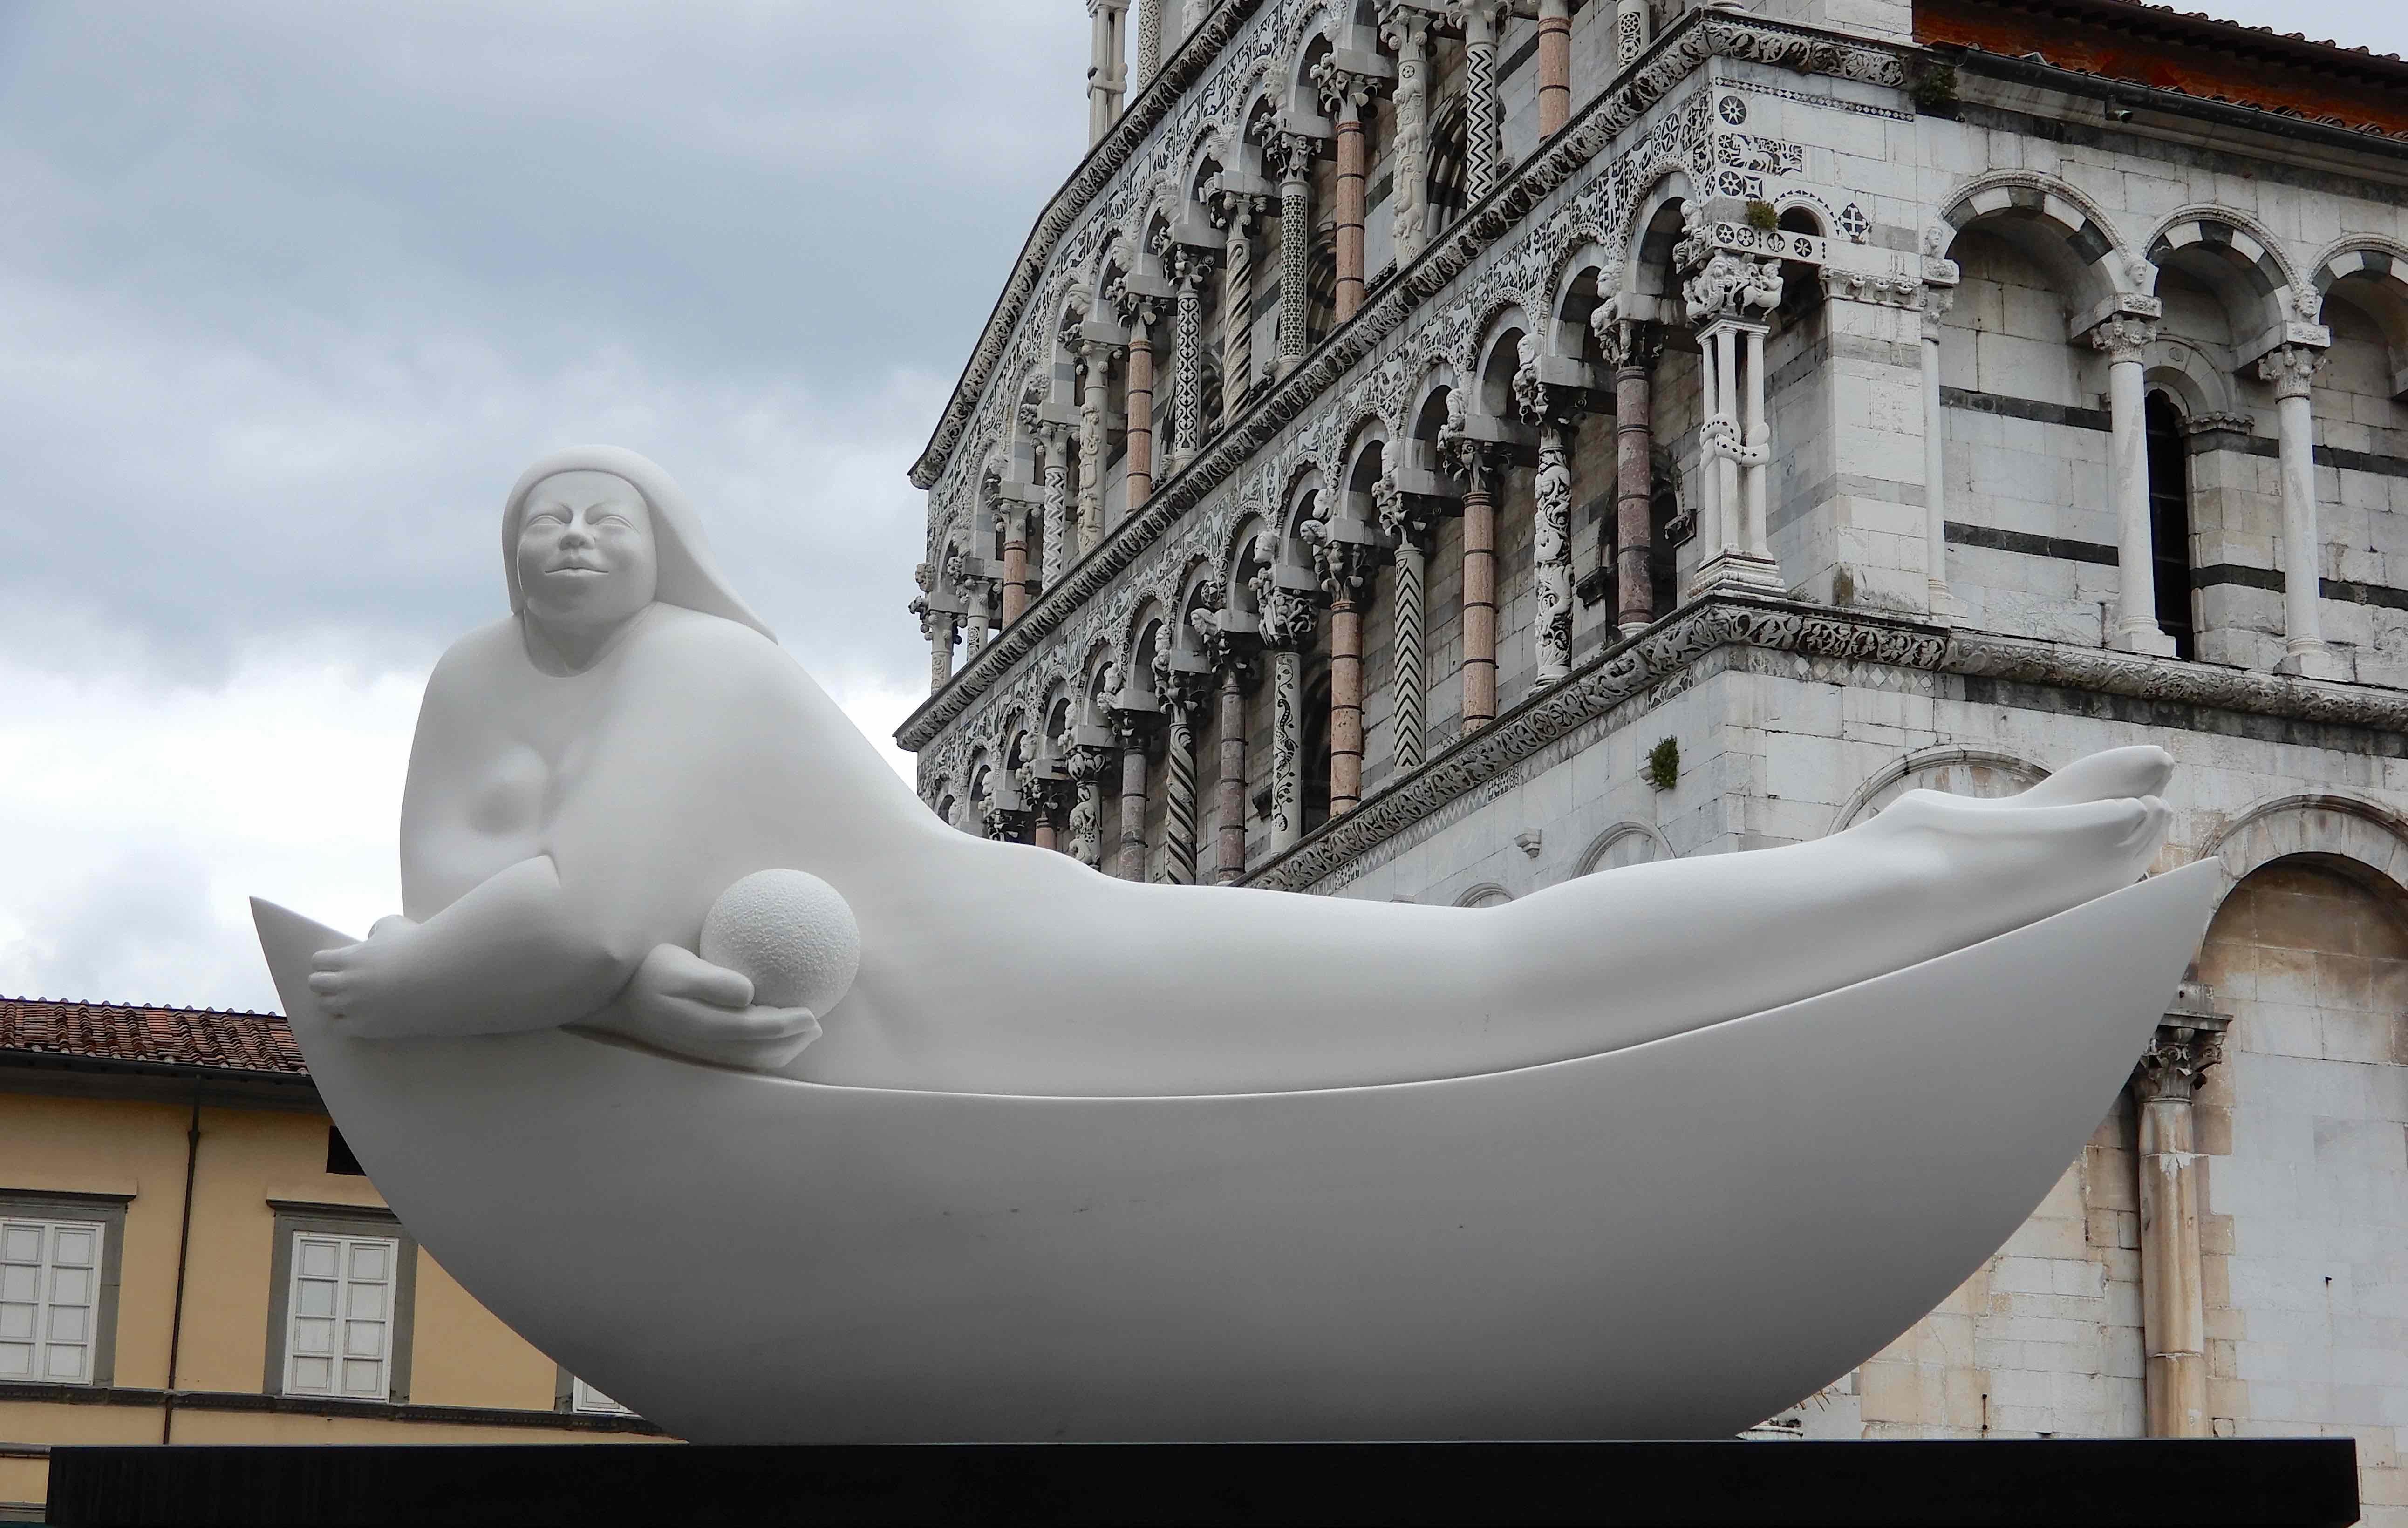 14.Plenitud, Piazza San Michele